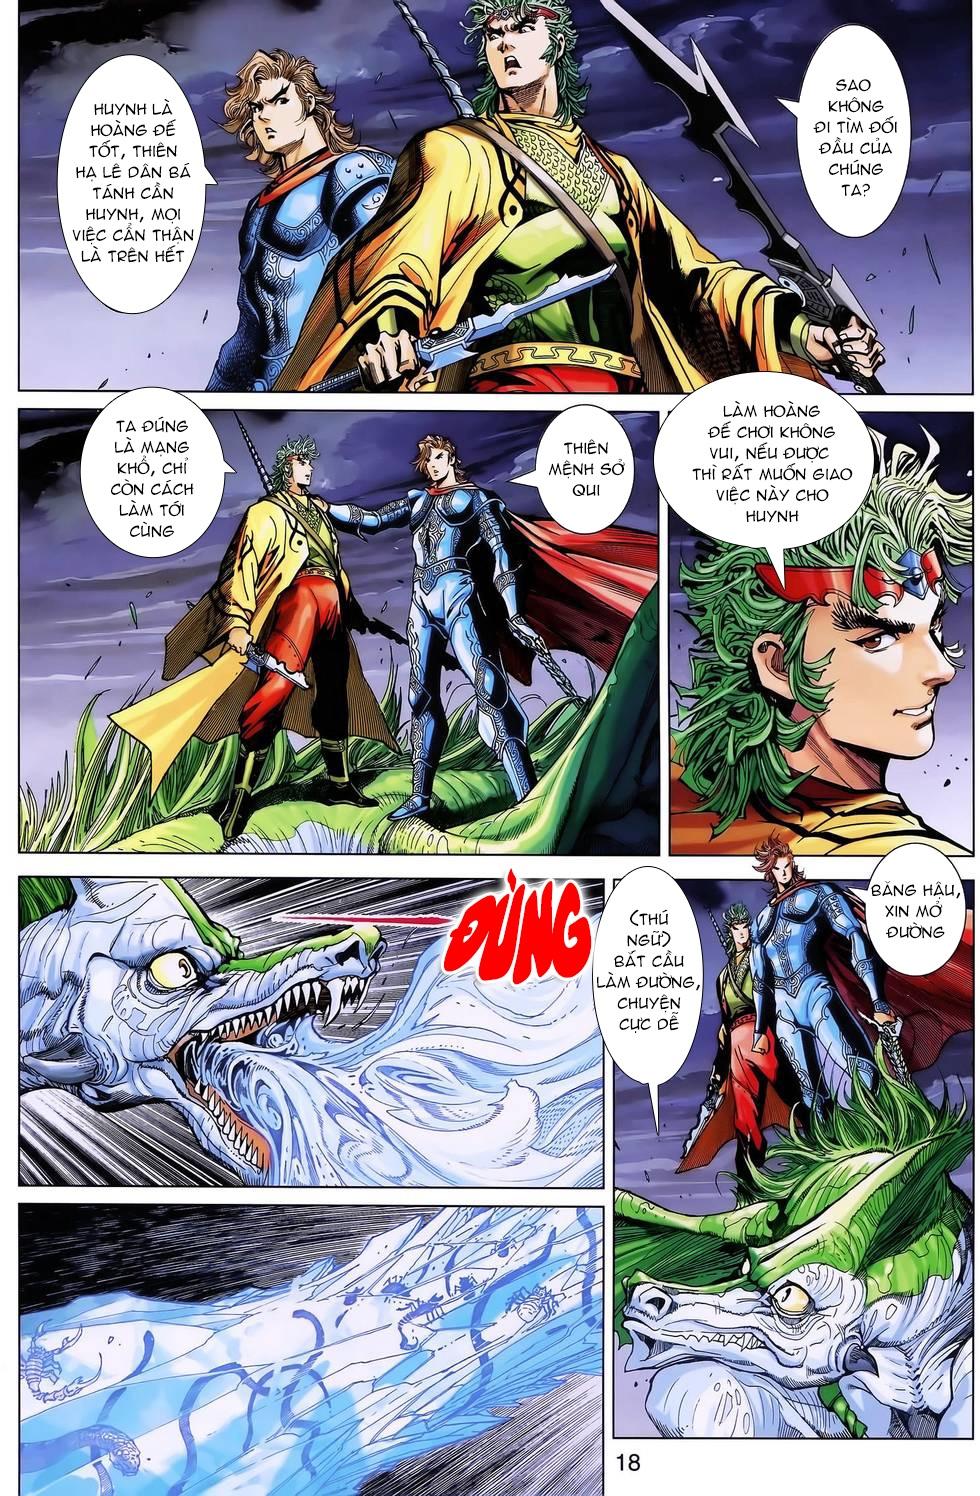 Thần binh huyền kỳ 3 - 3.5 tập 172 - 5